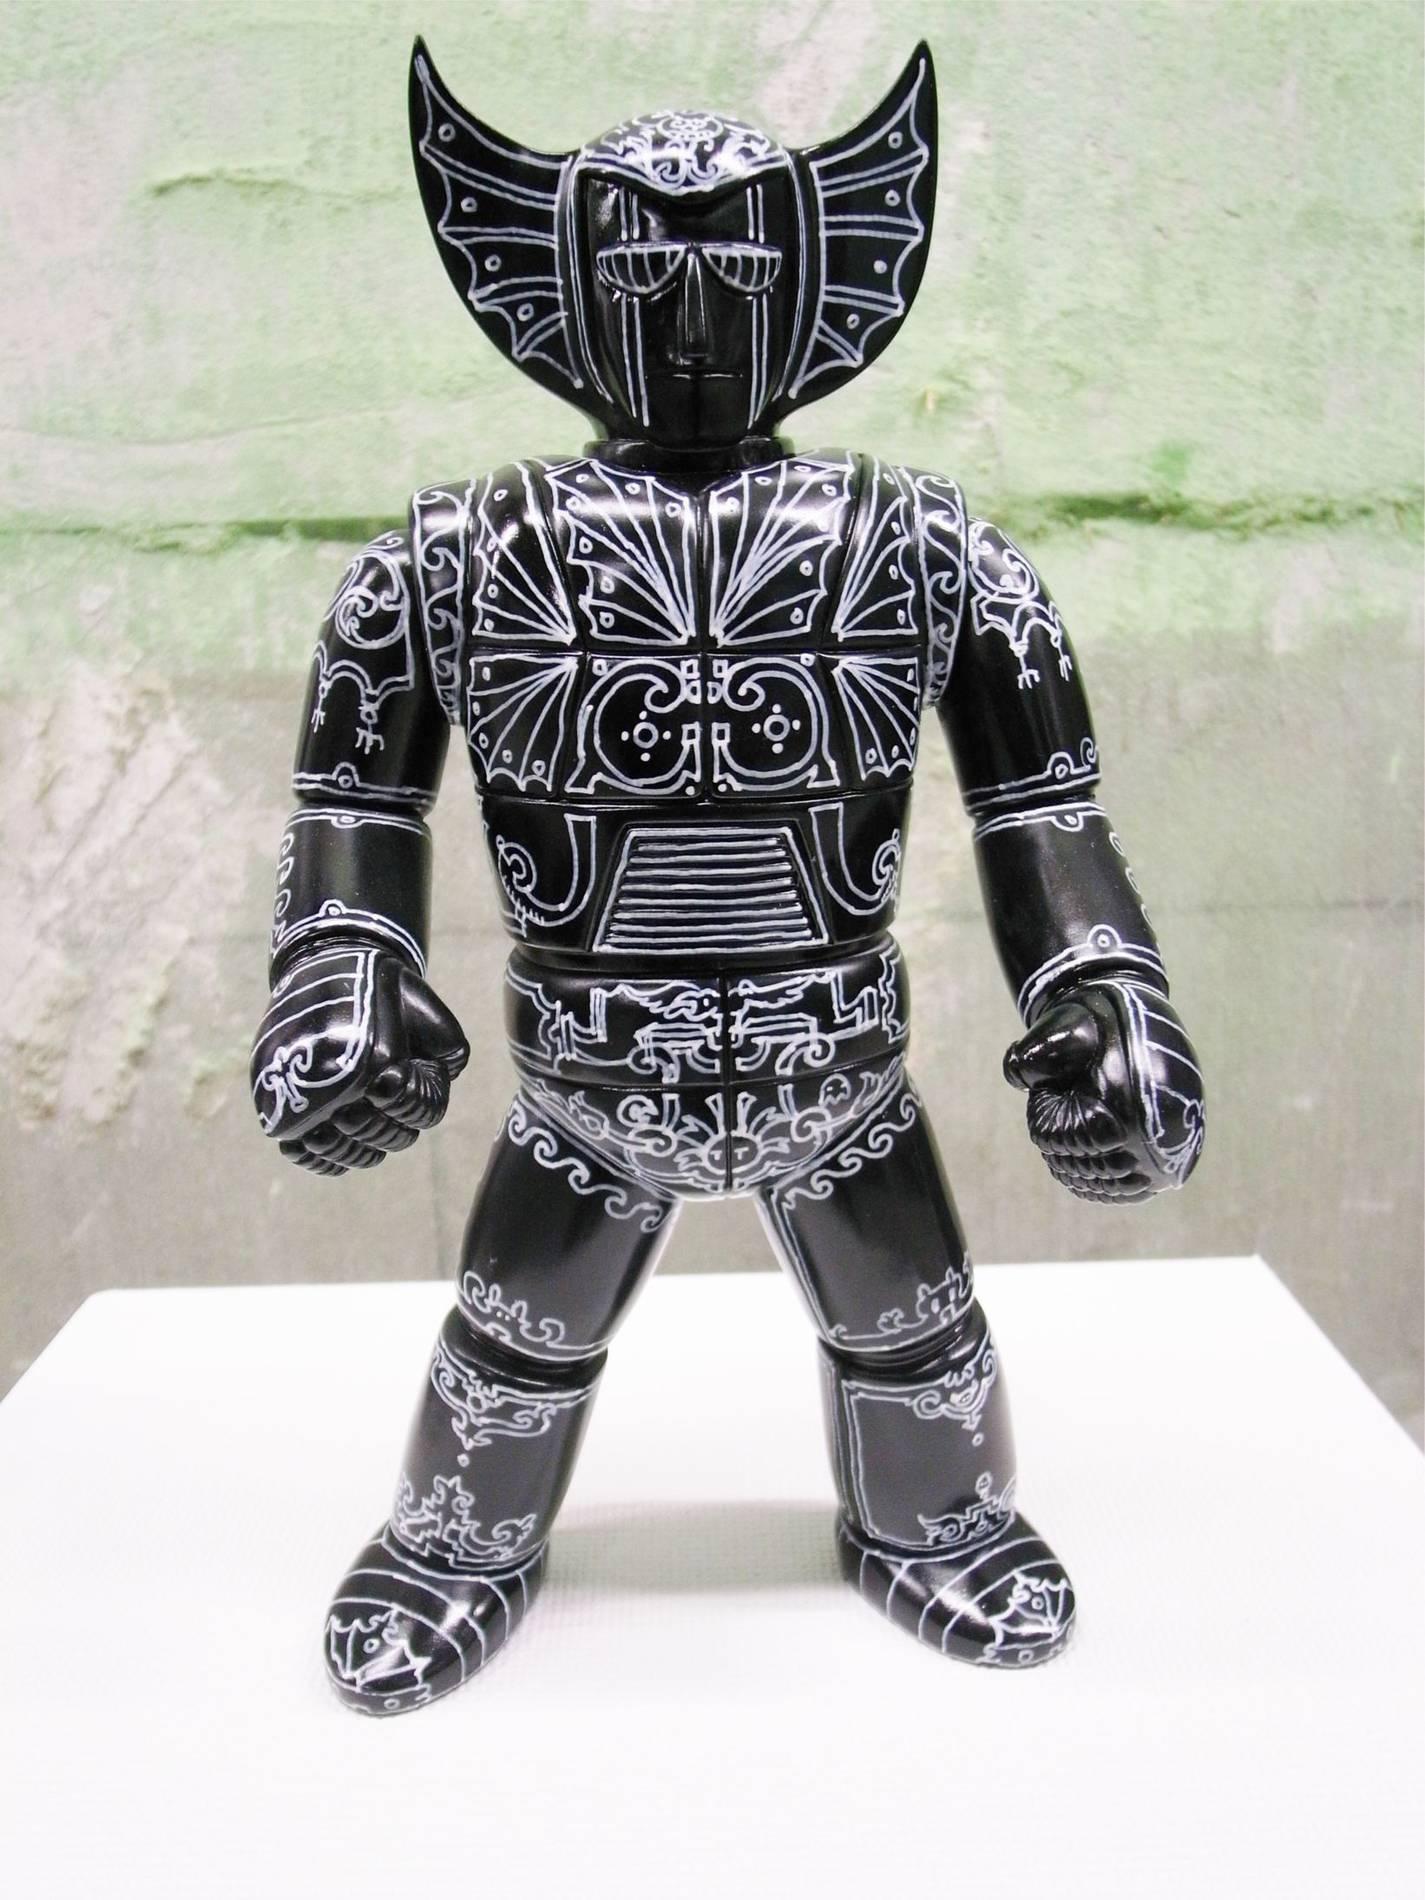 ·: Nicolas Buffe :· - Nicolas Buffe - 2010---01 - poseidon (black)-mini